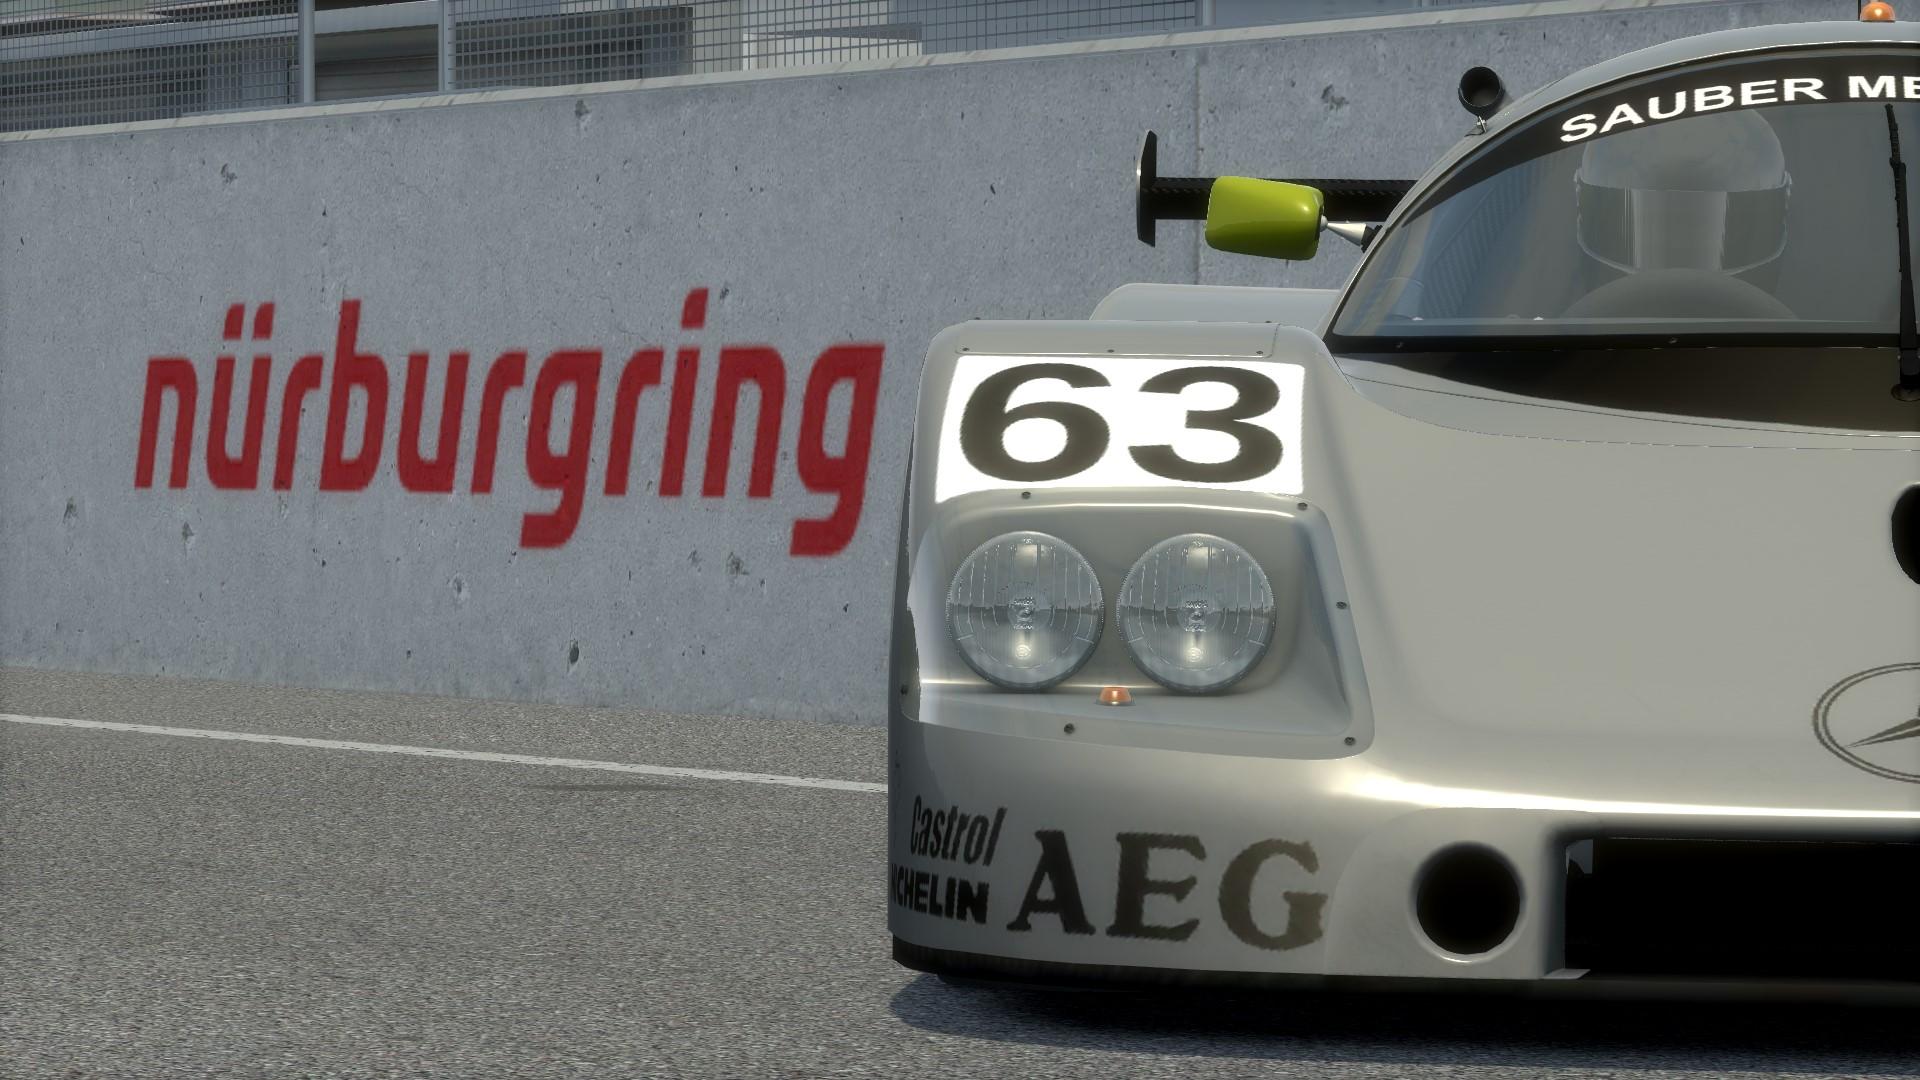 Screenshot_ks_mercedes_c9_nurburgring-sprint_14-9-115-0-59-57.jpg